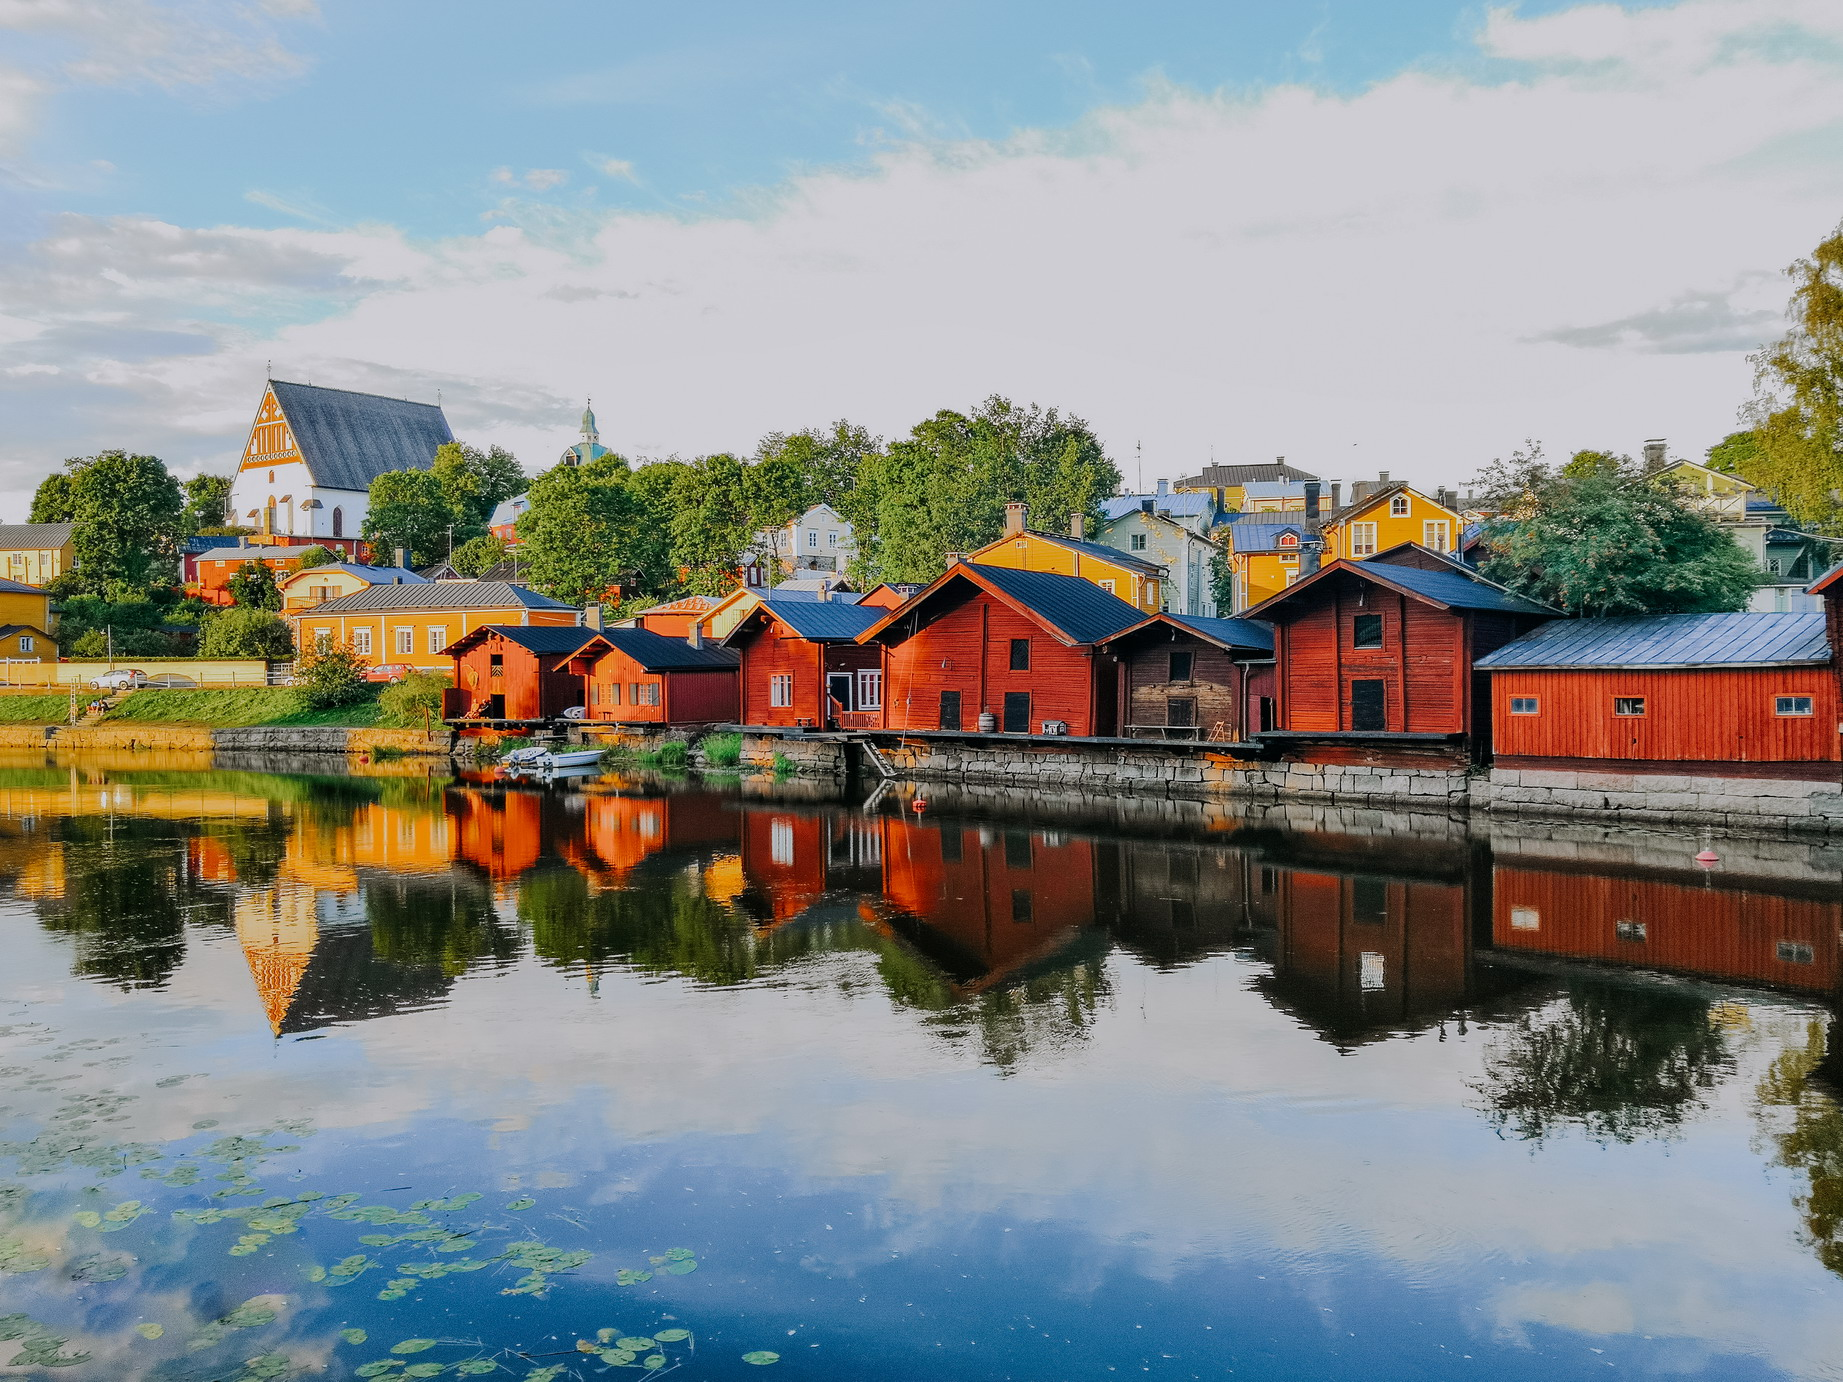 Finlandia: live like a local